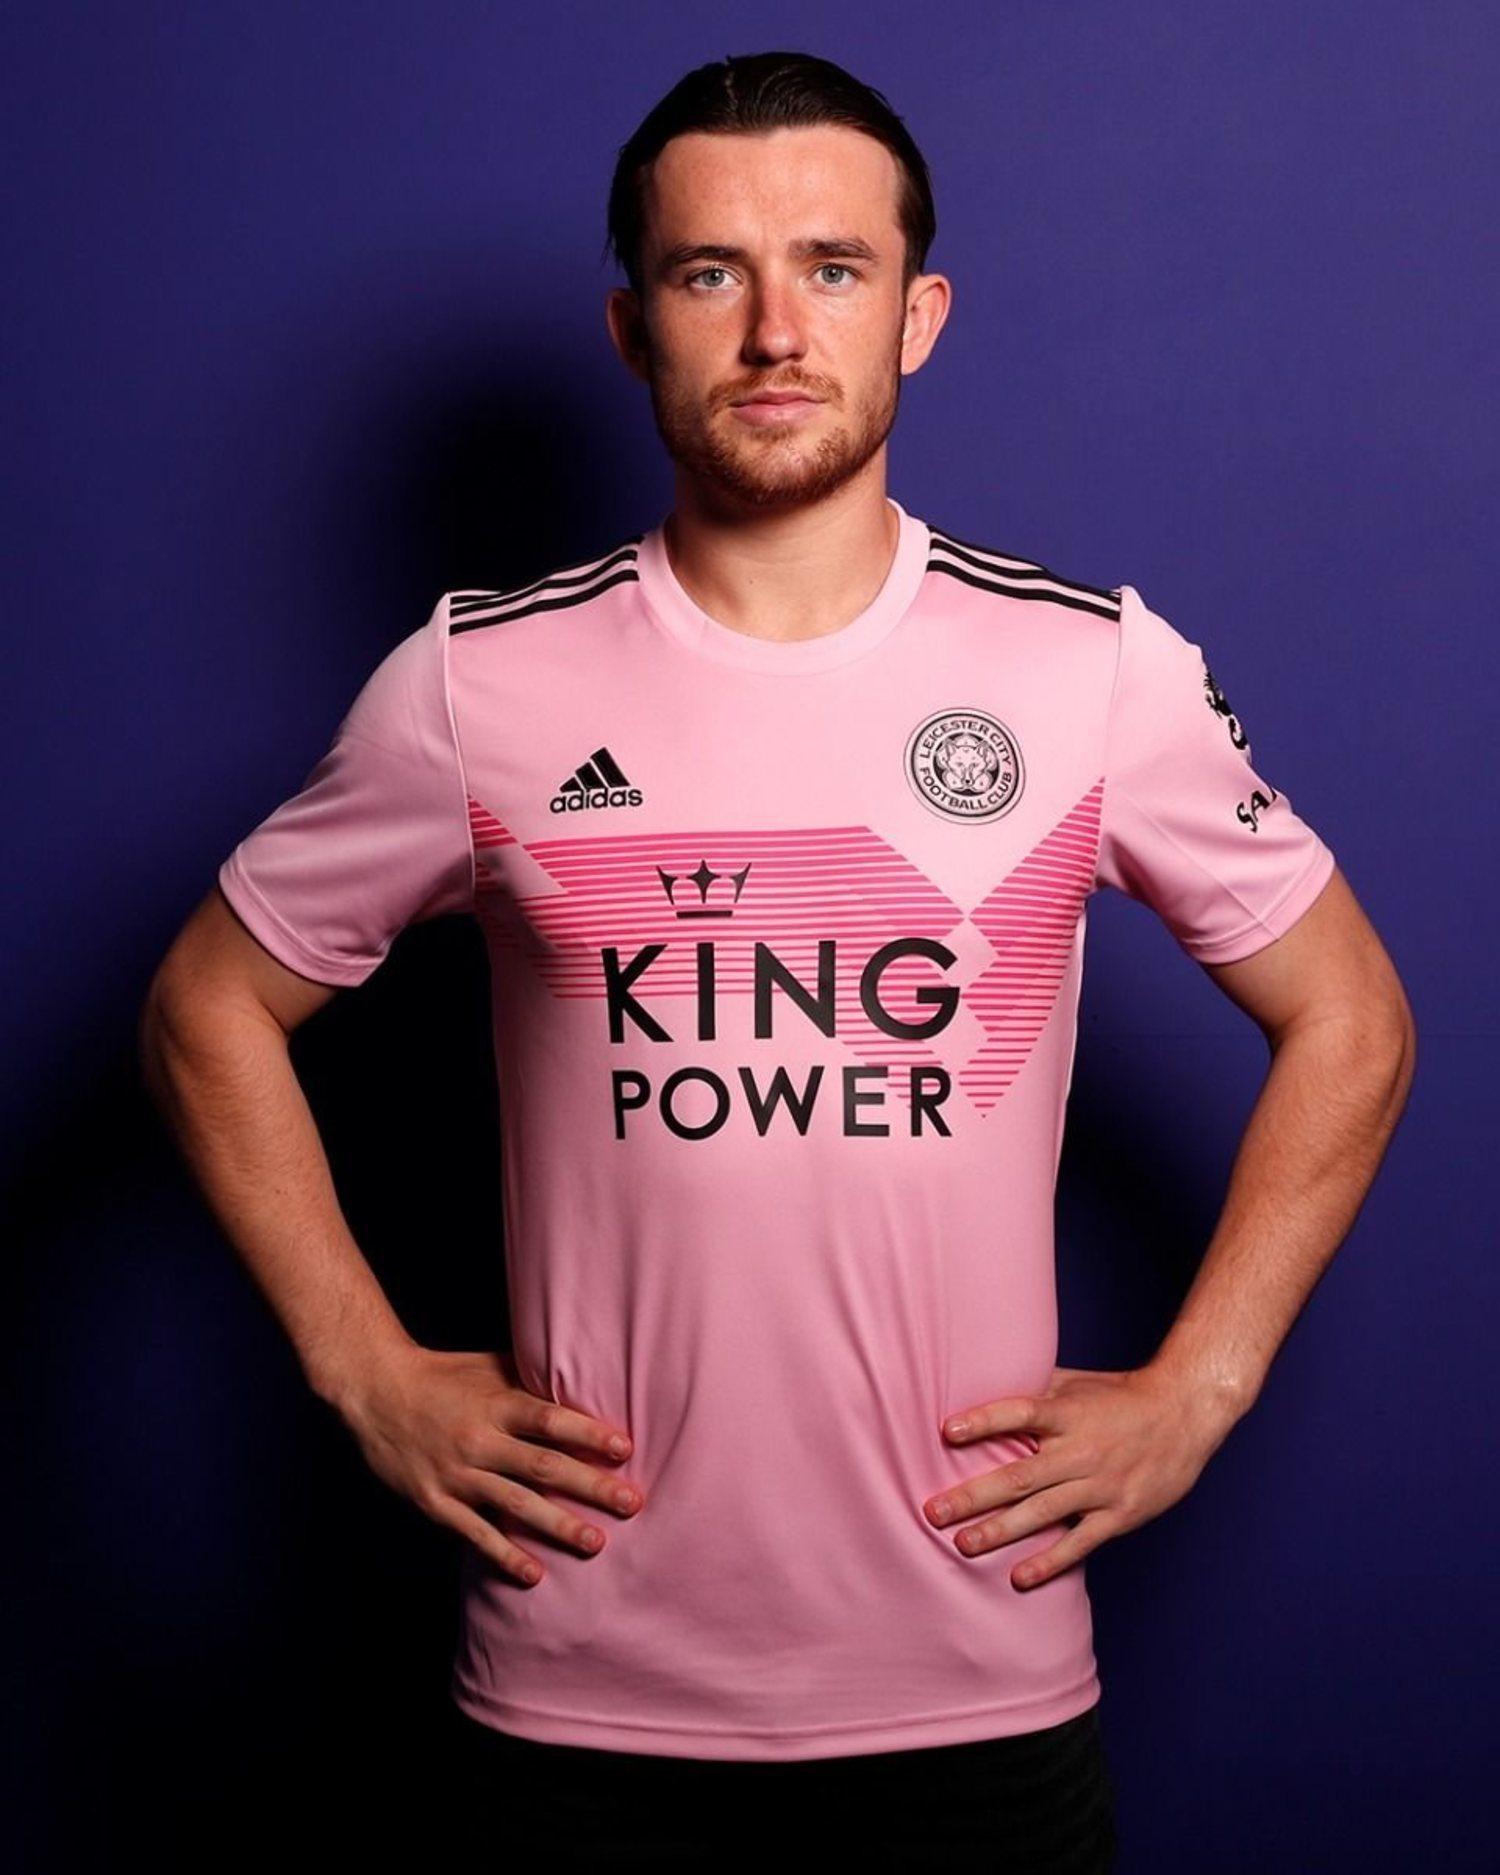 Segunda equipación 2019-20 Leicester City en rosa, Adidas